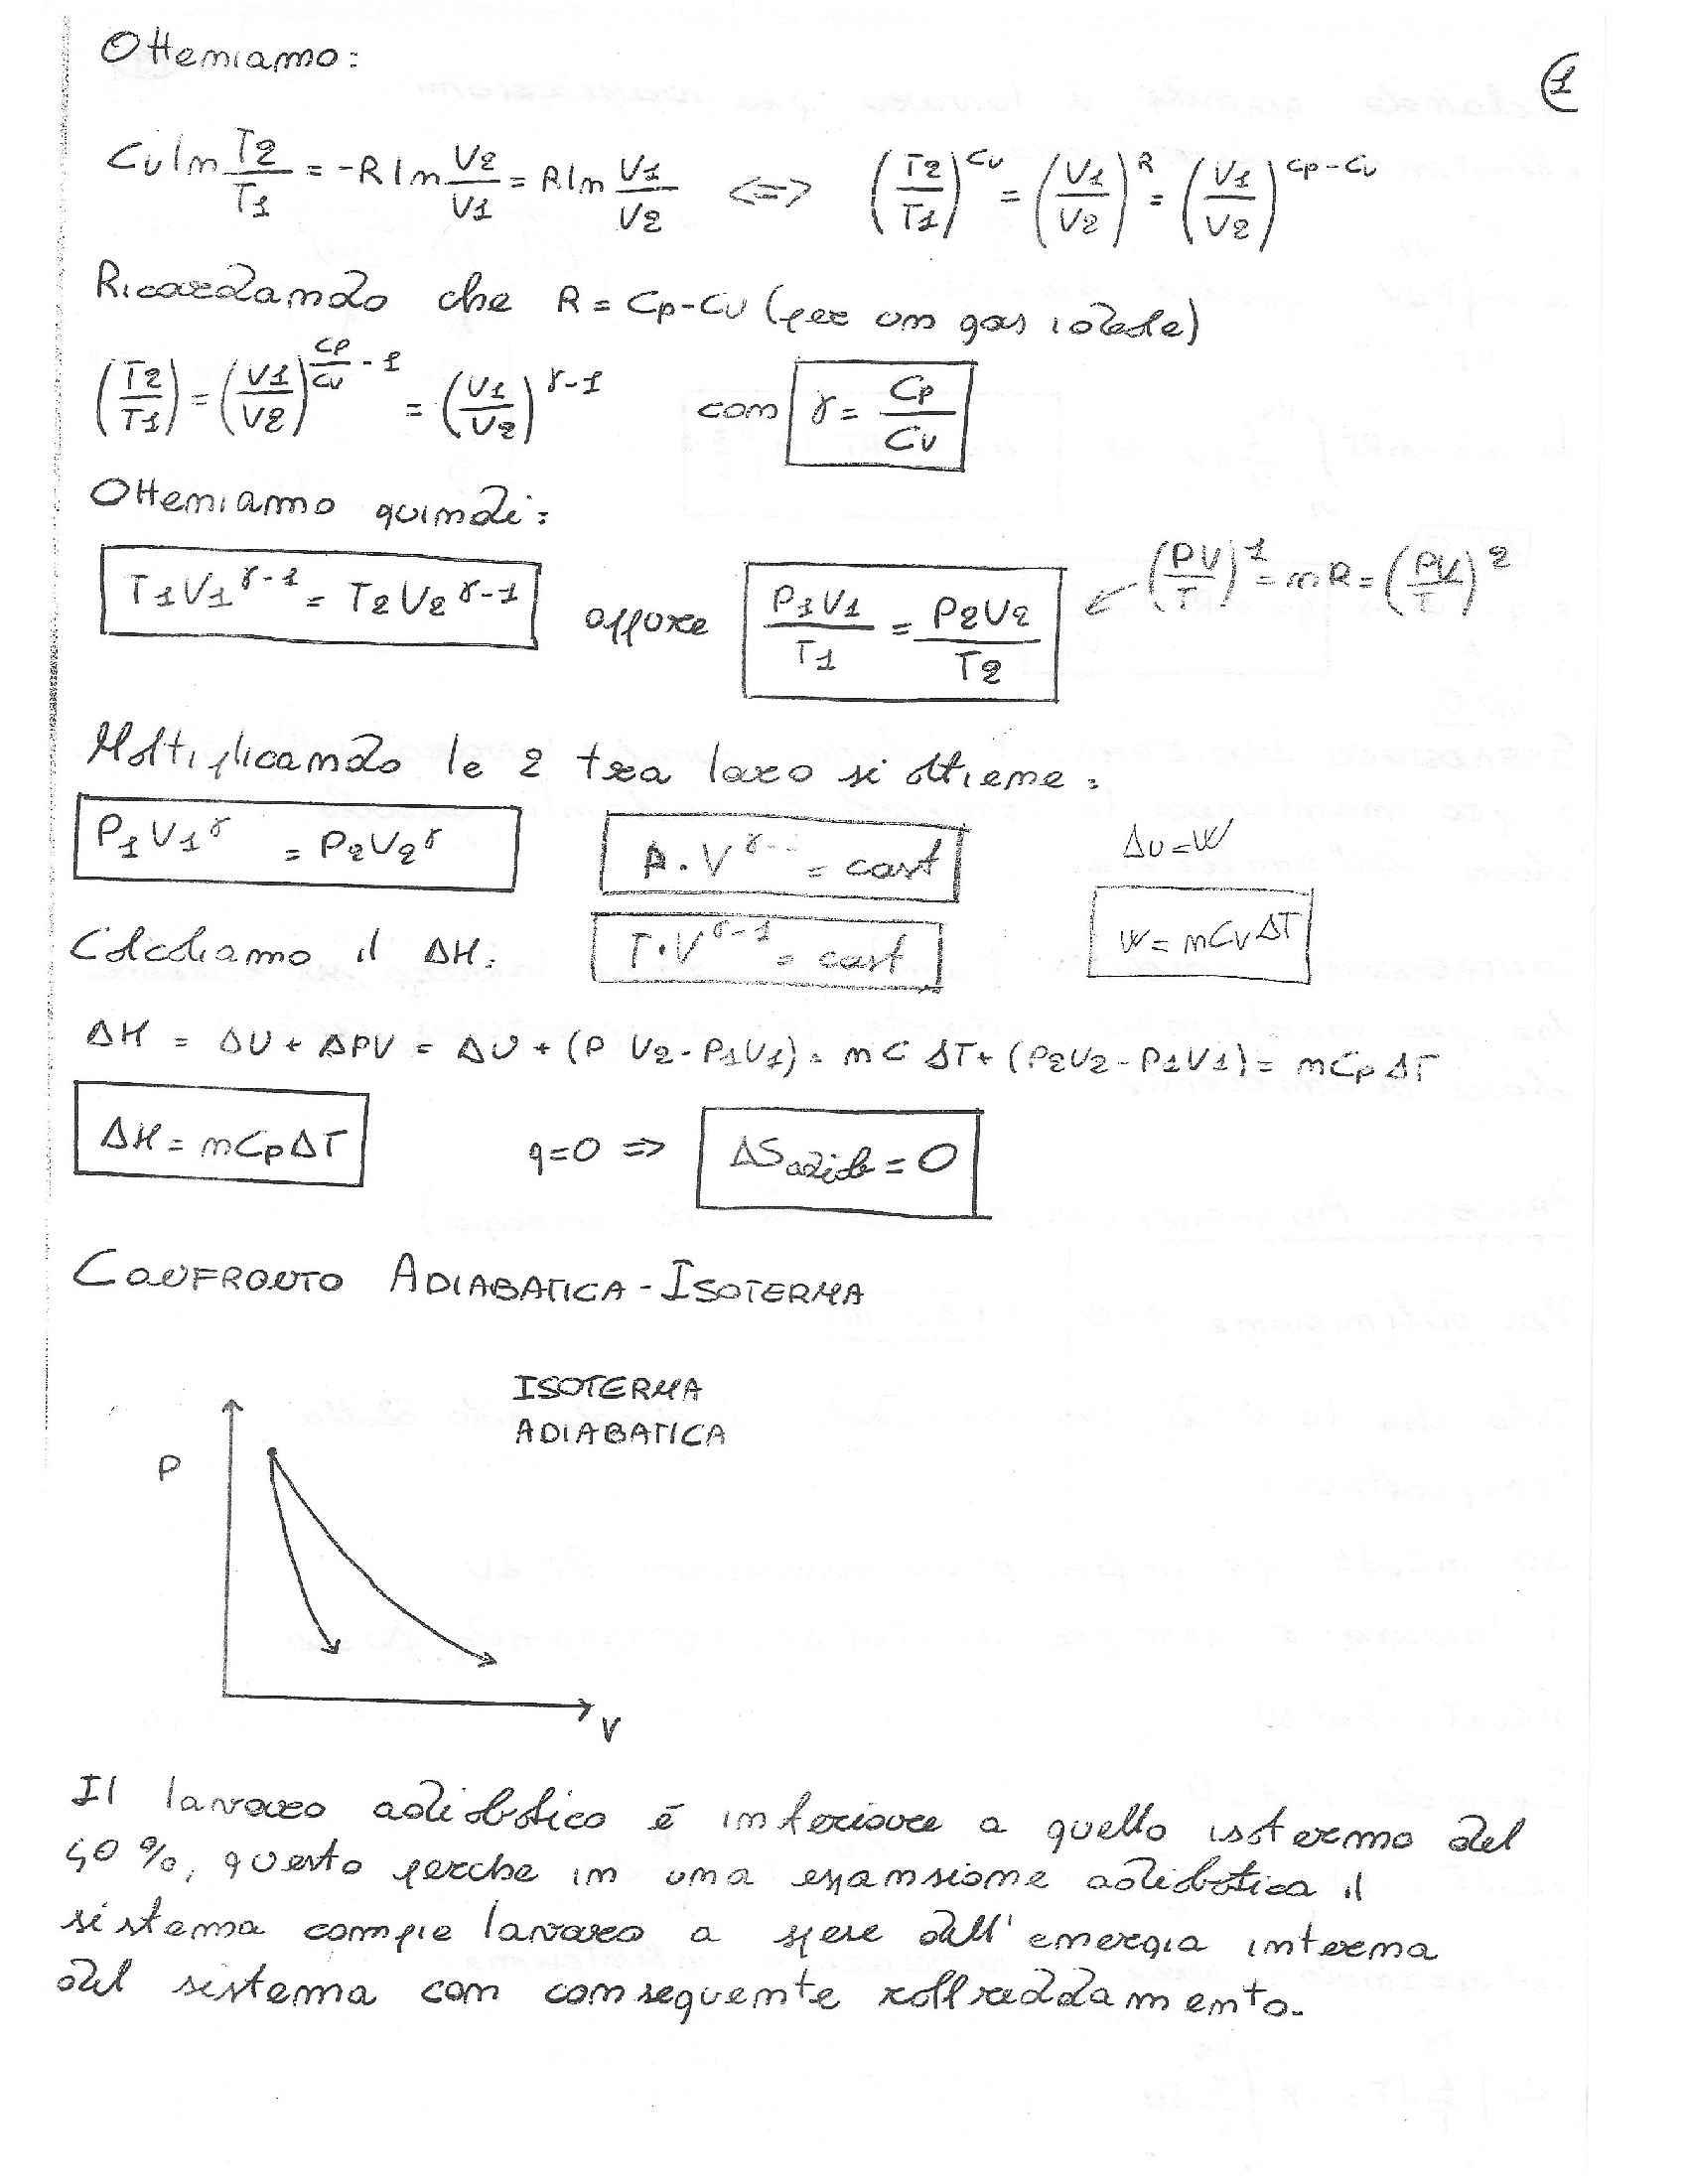 Scienza e tecnologia dei materiali - Appunti Pag. 36